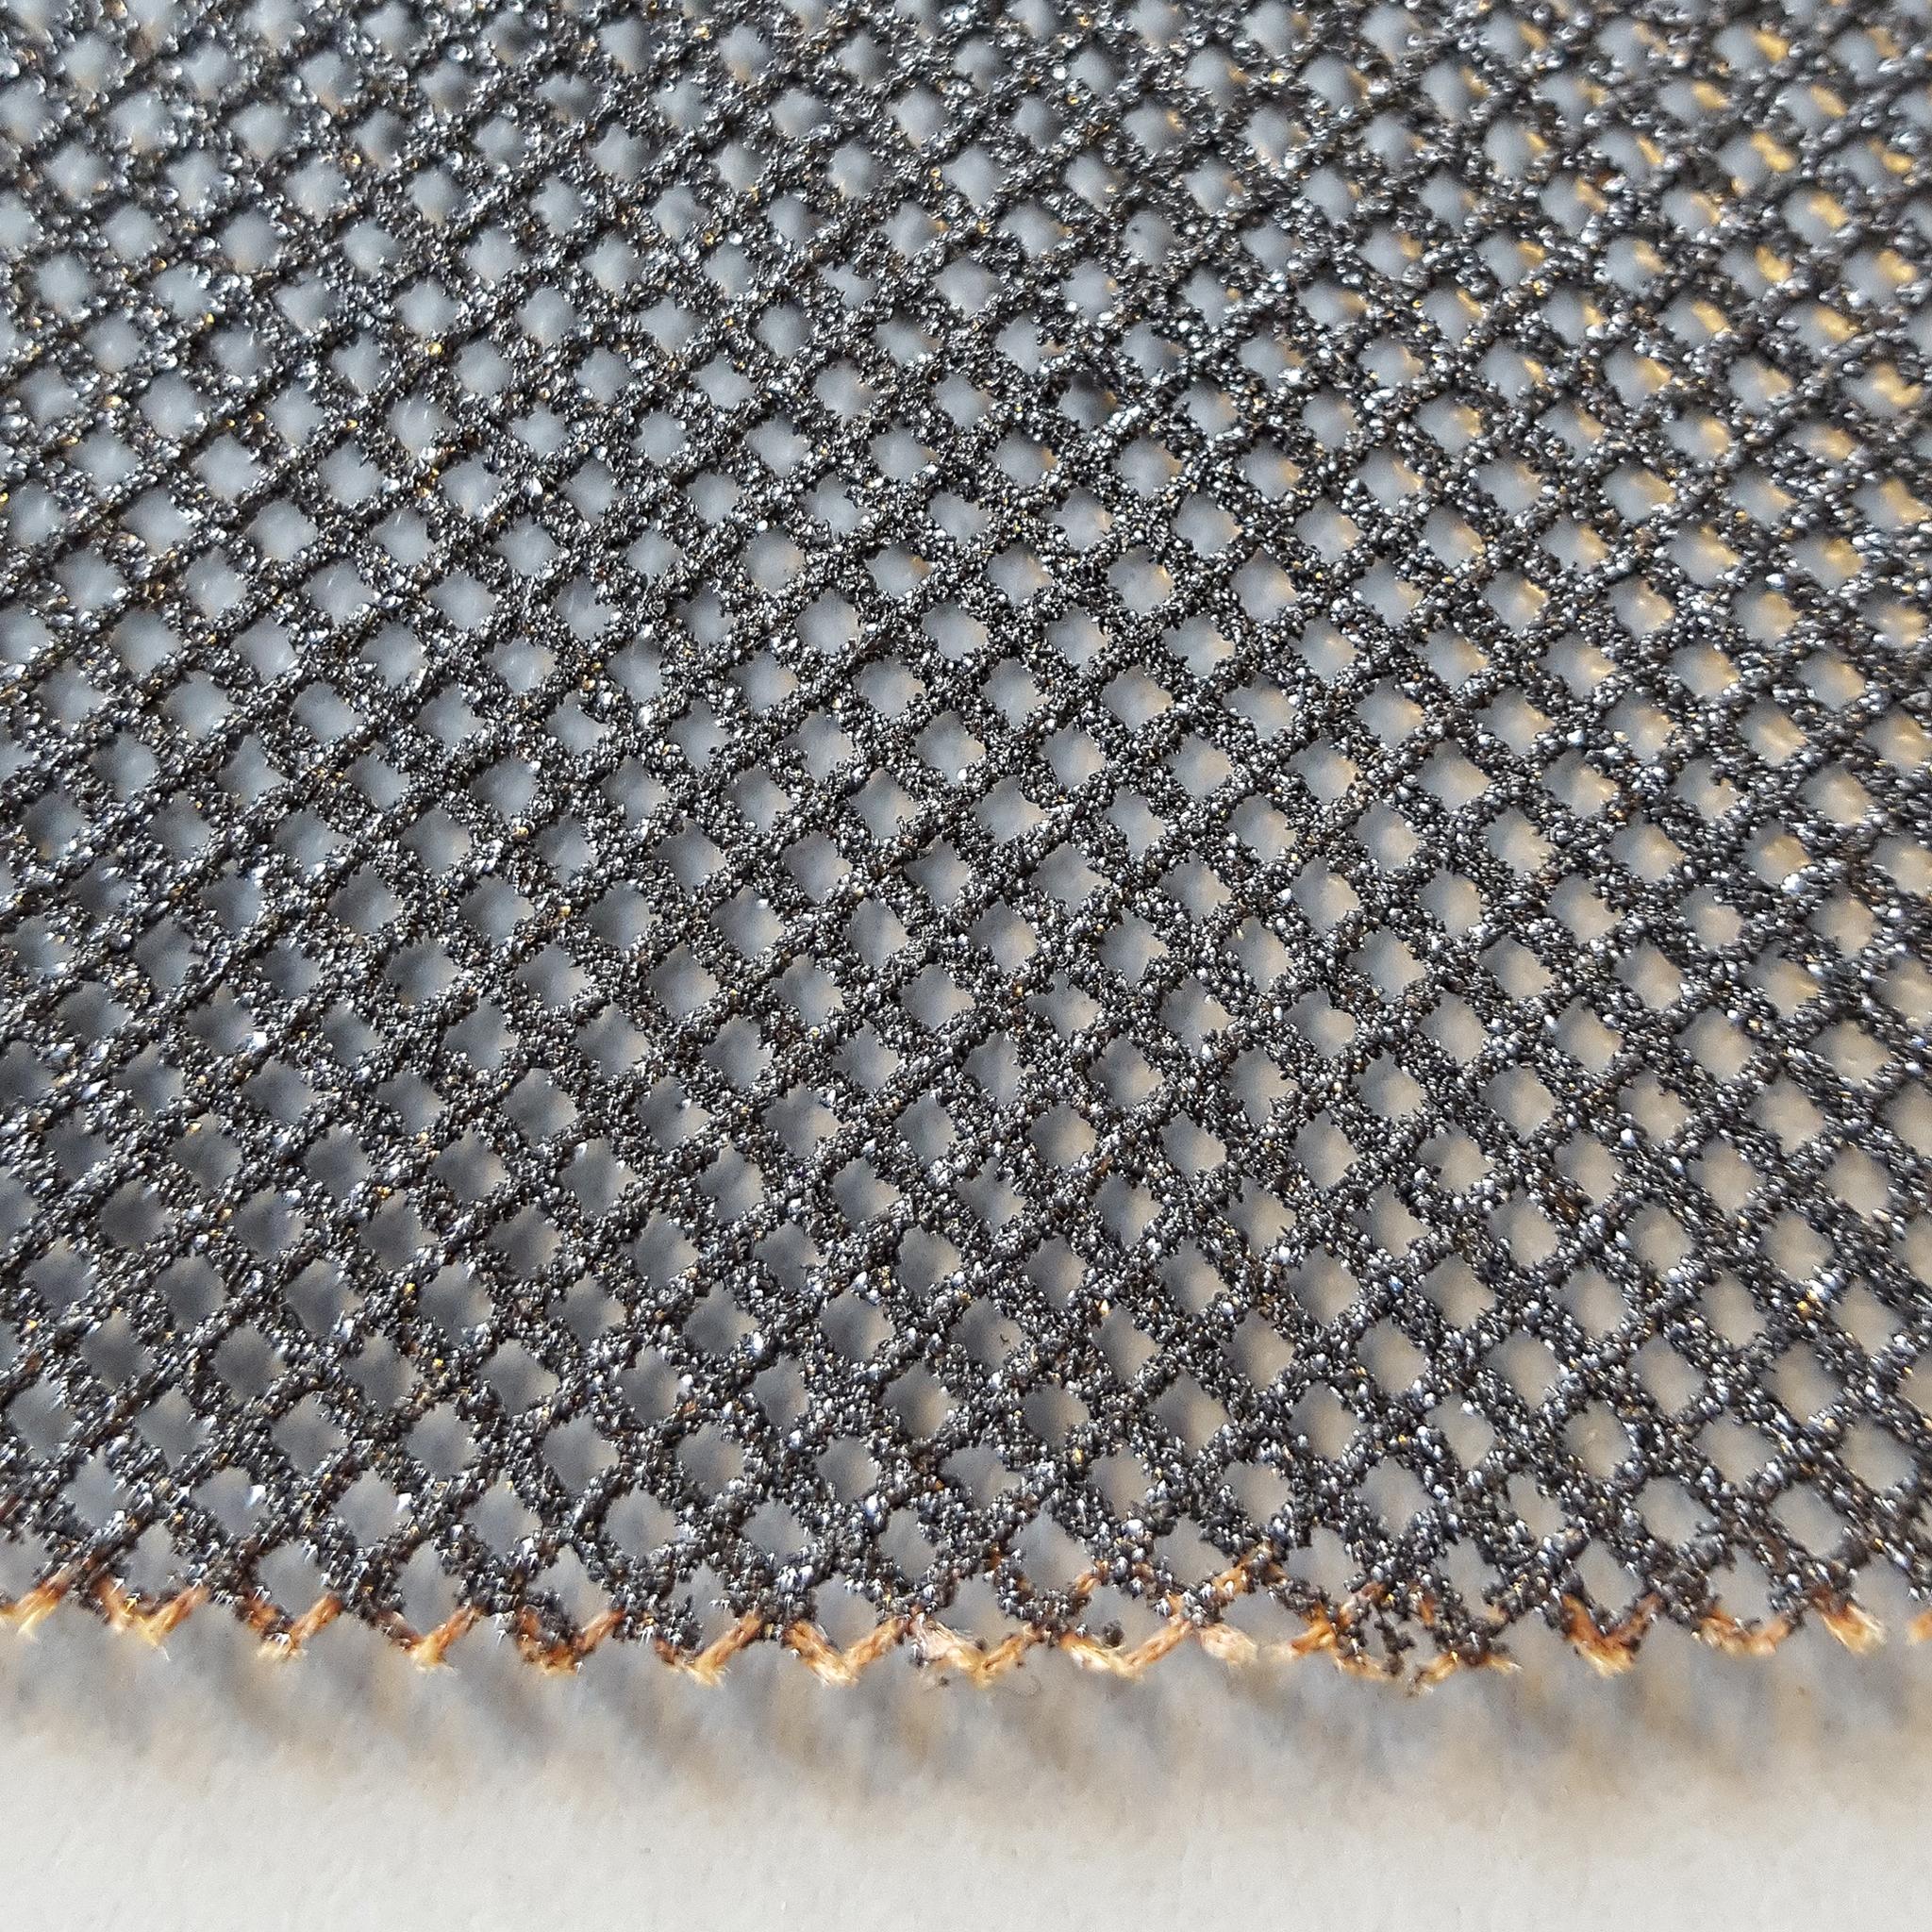 K 120 sanding disc for floor processing